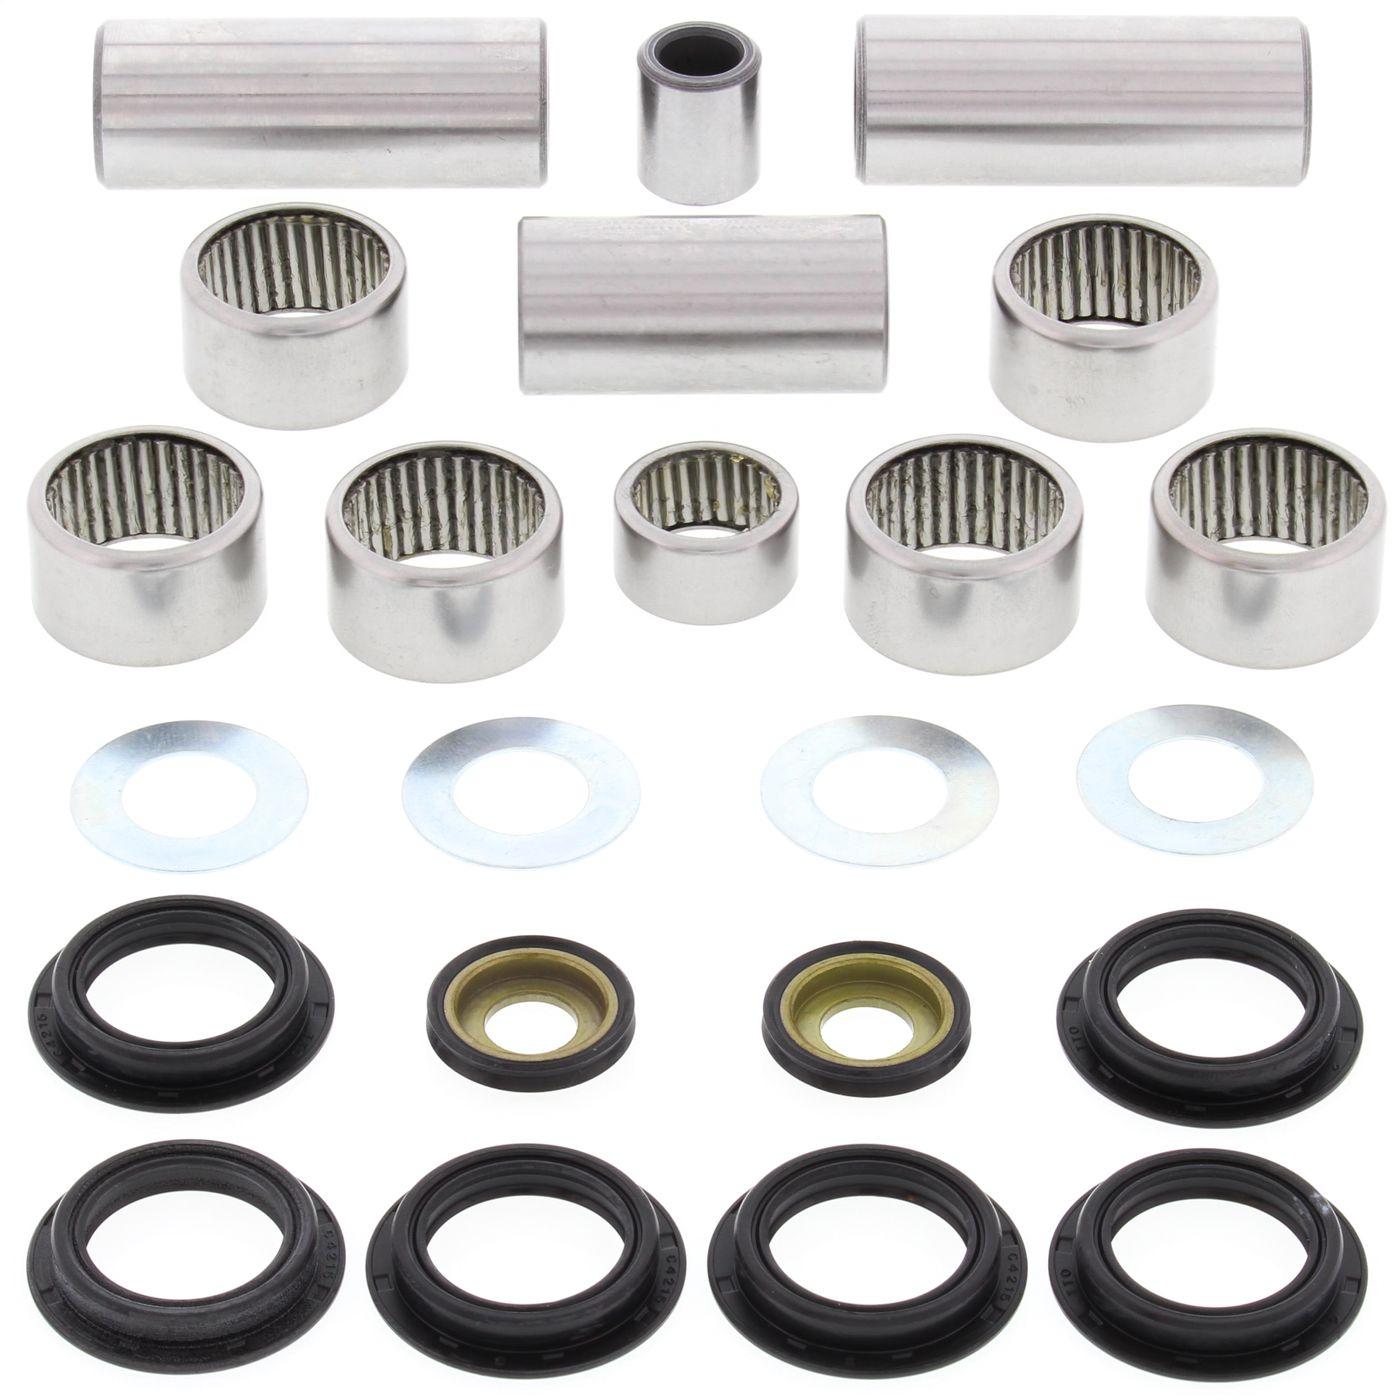 wrp shock linkage bearing kits - WRP271036 image